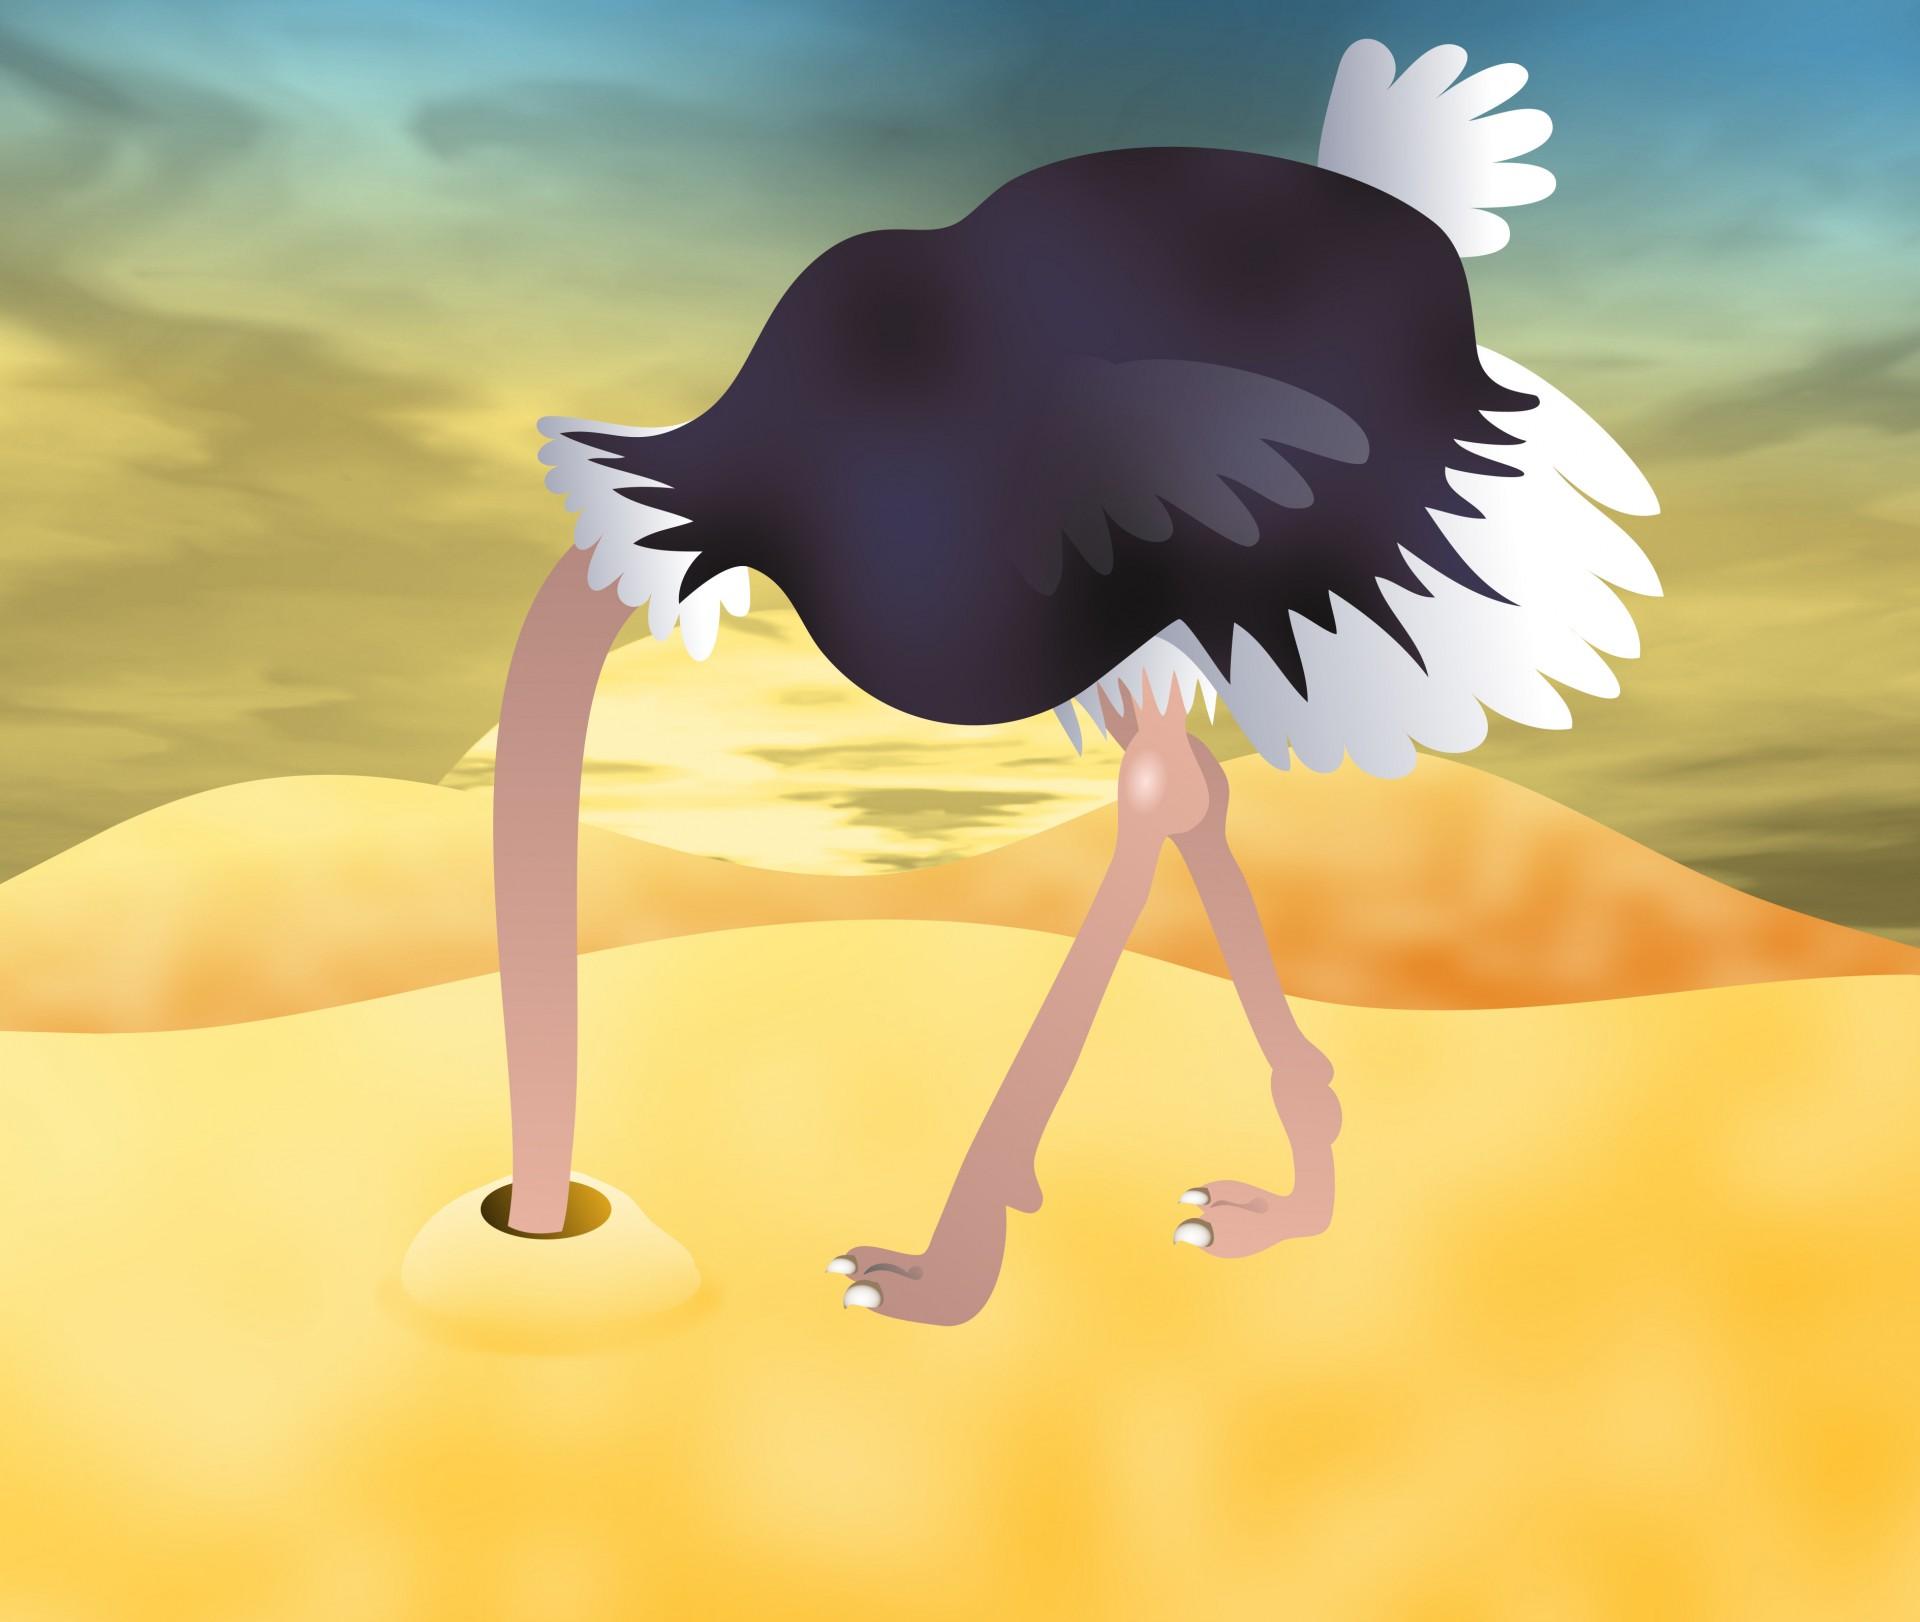 ostrich-clip-art.jpg